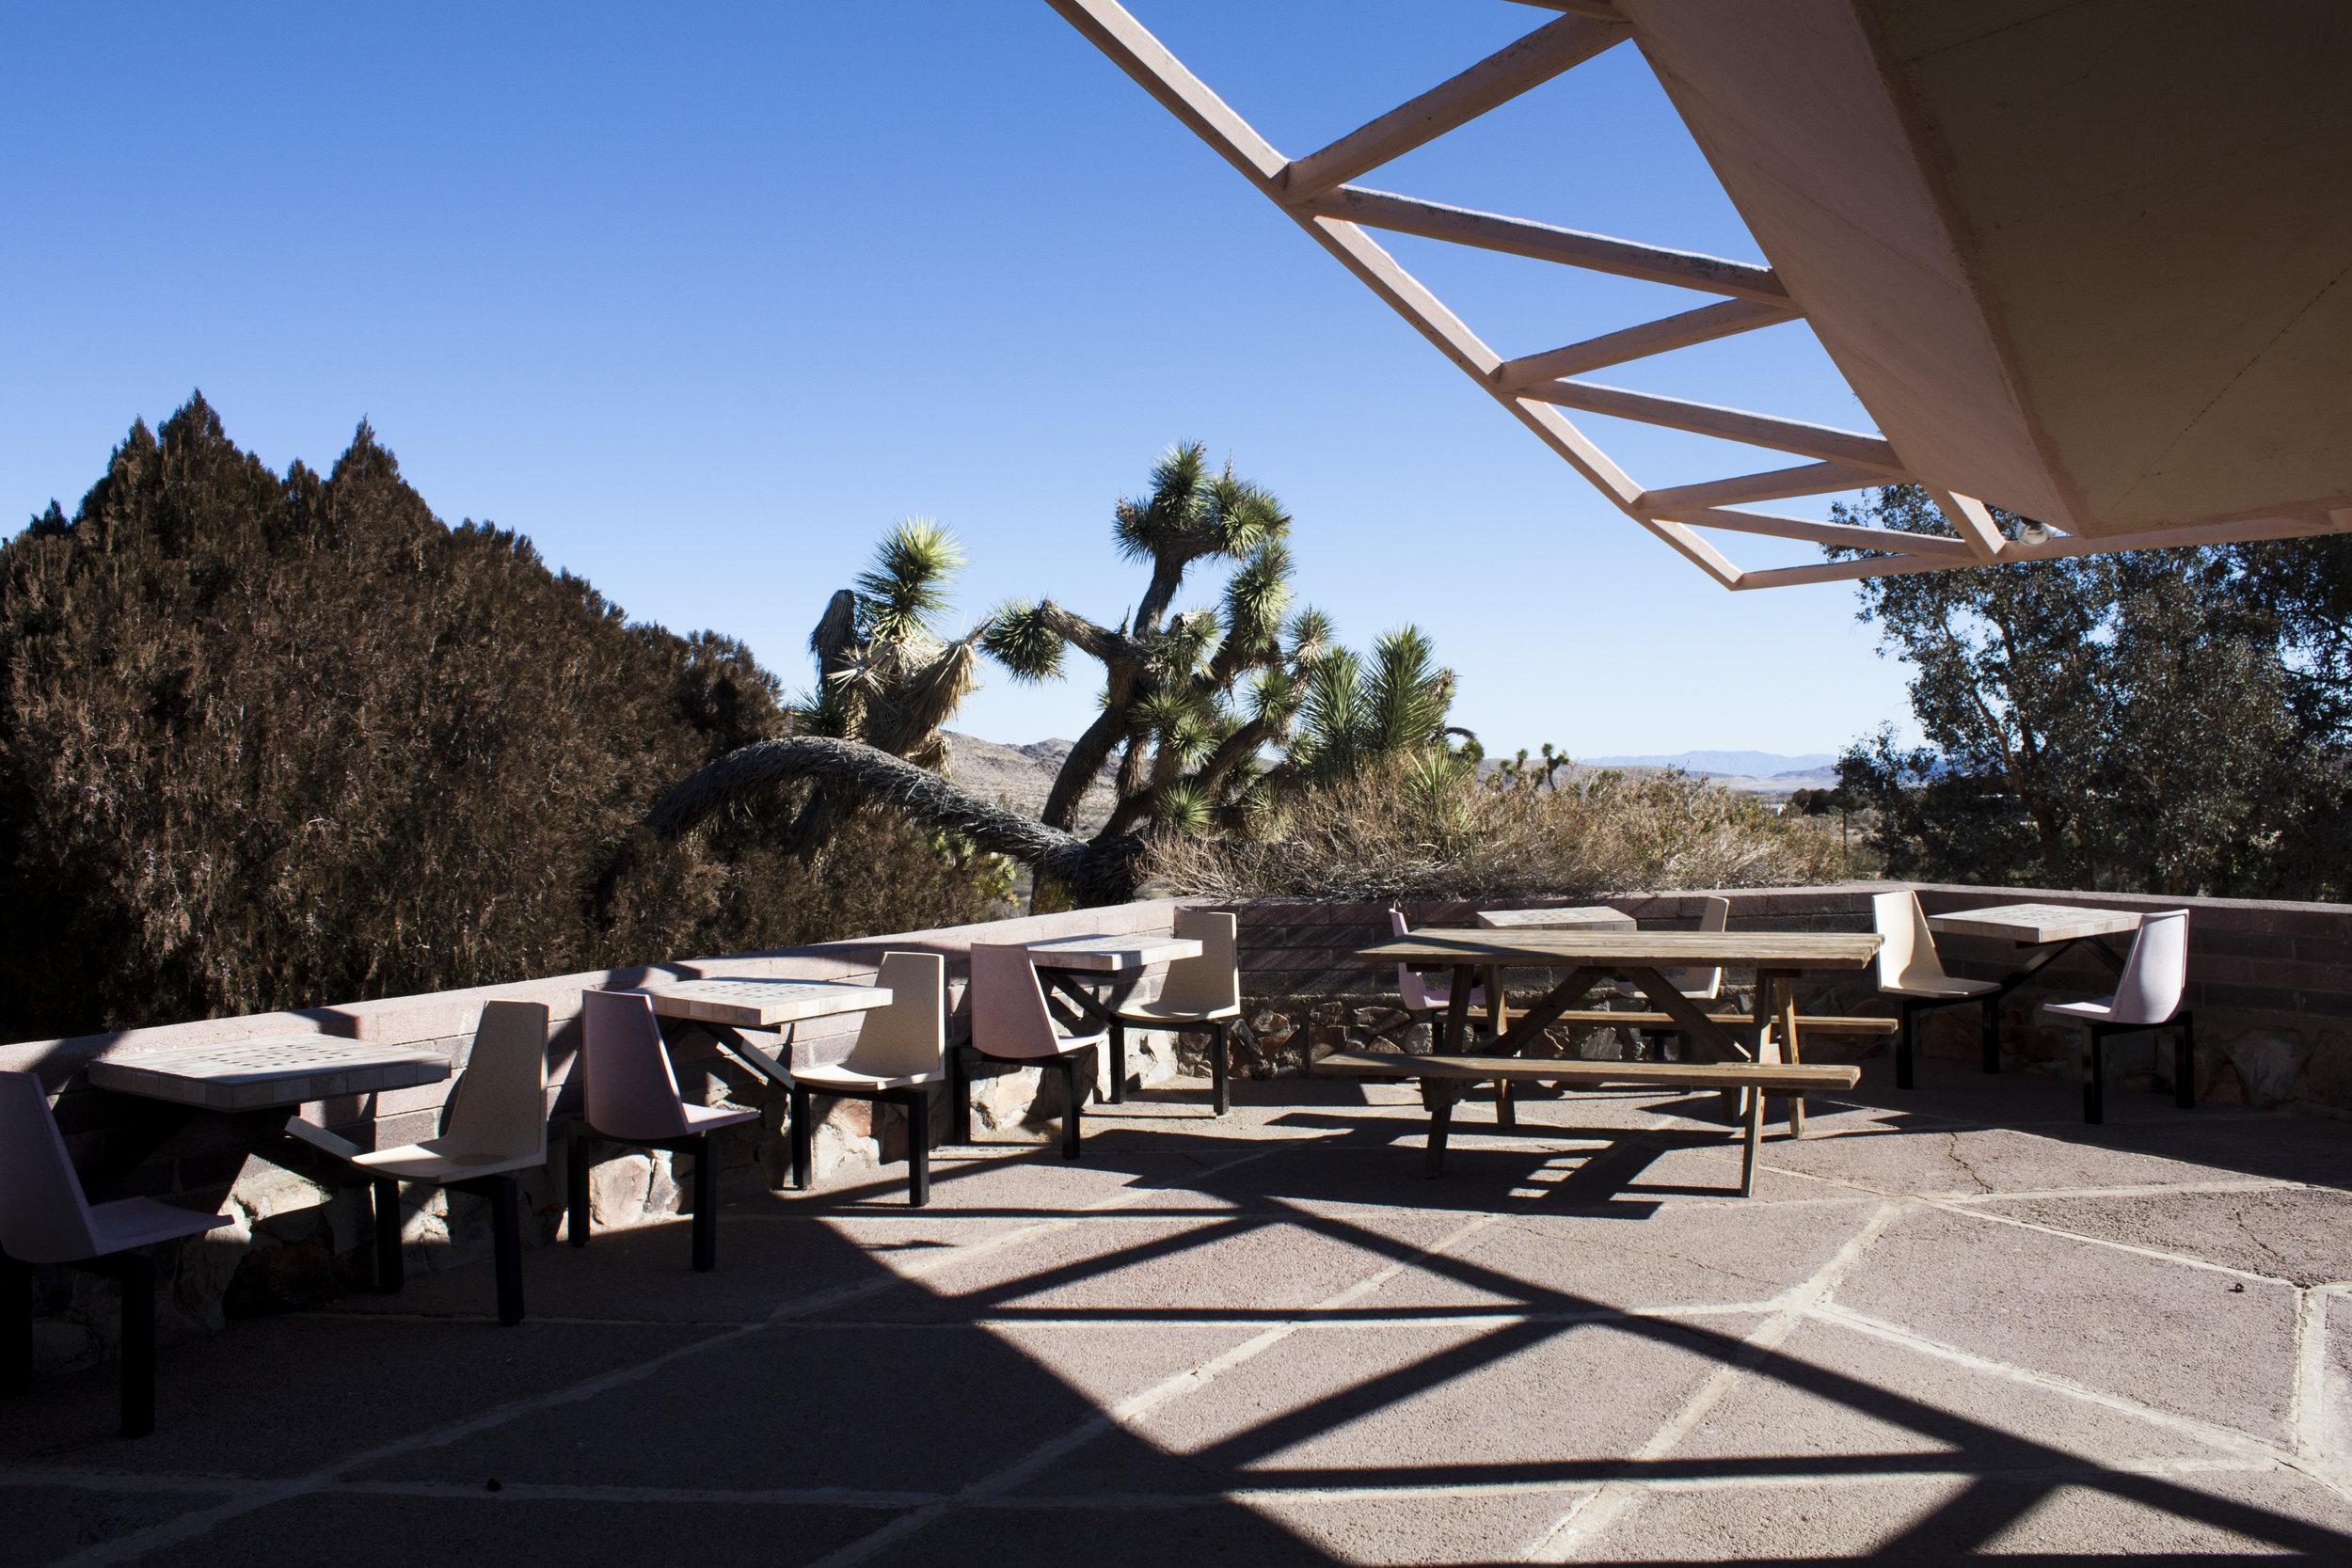 Institute of Mentalphysics Dining Area